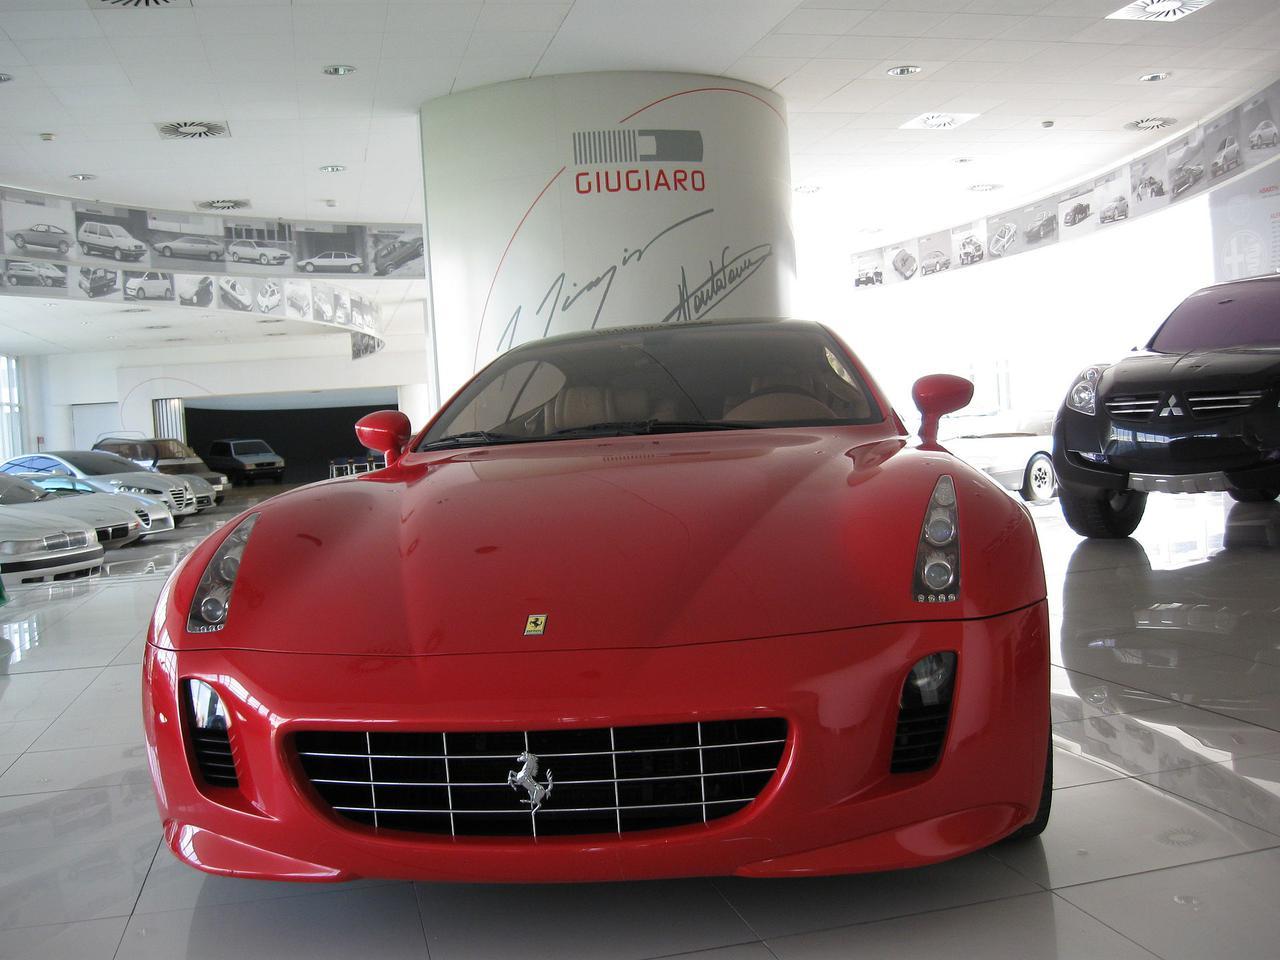 画像: イタリアのイタルデザイン-ジウジアーロのショールームに展示される、2005年のフェラーリGG50。 en.wikipedia.org